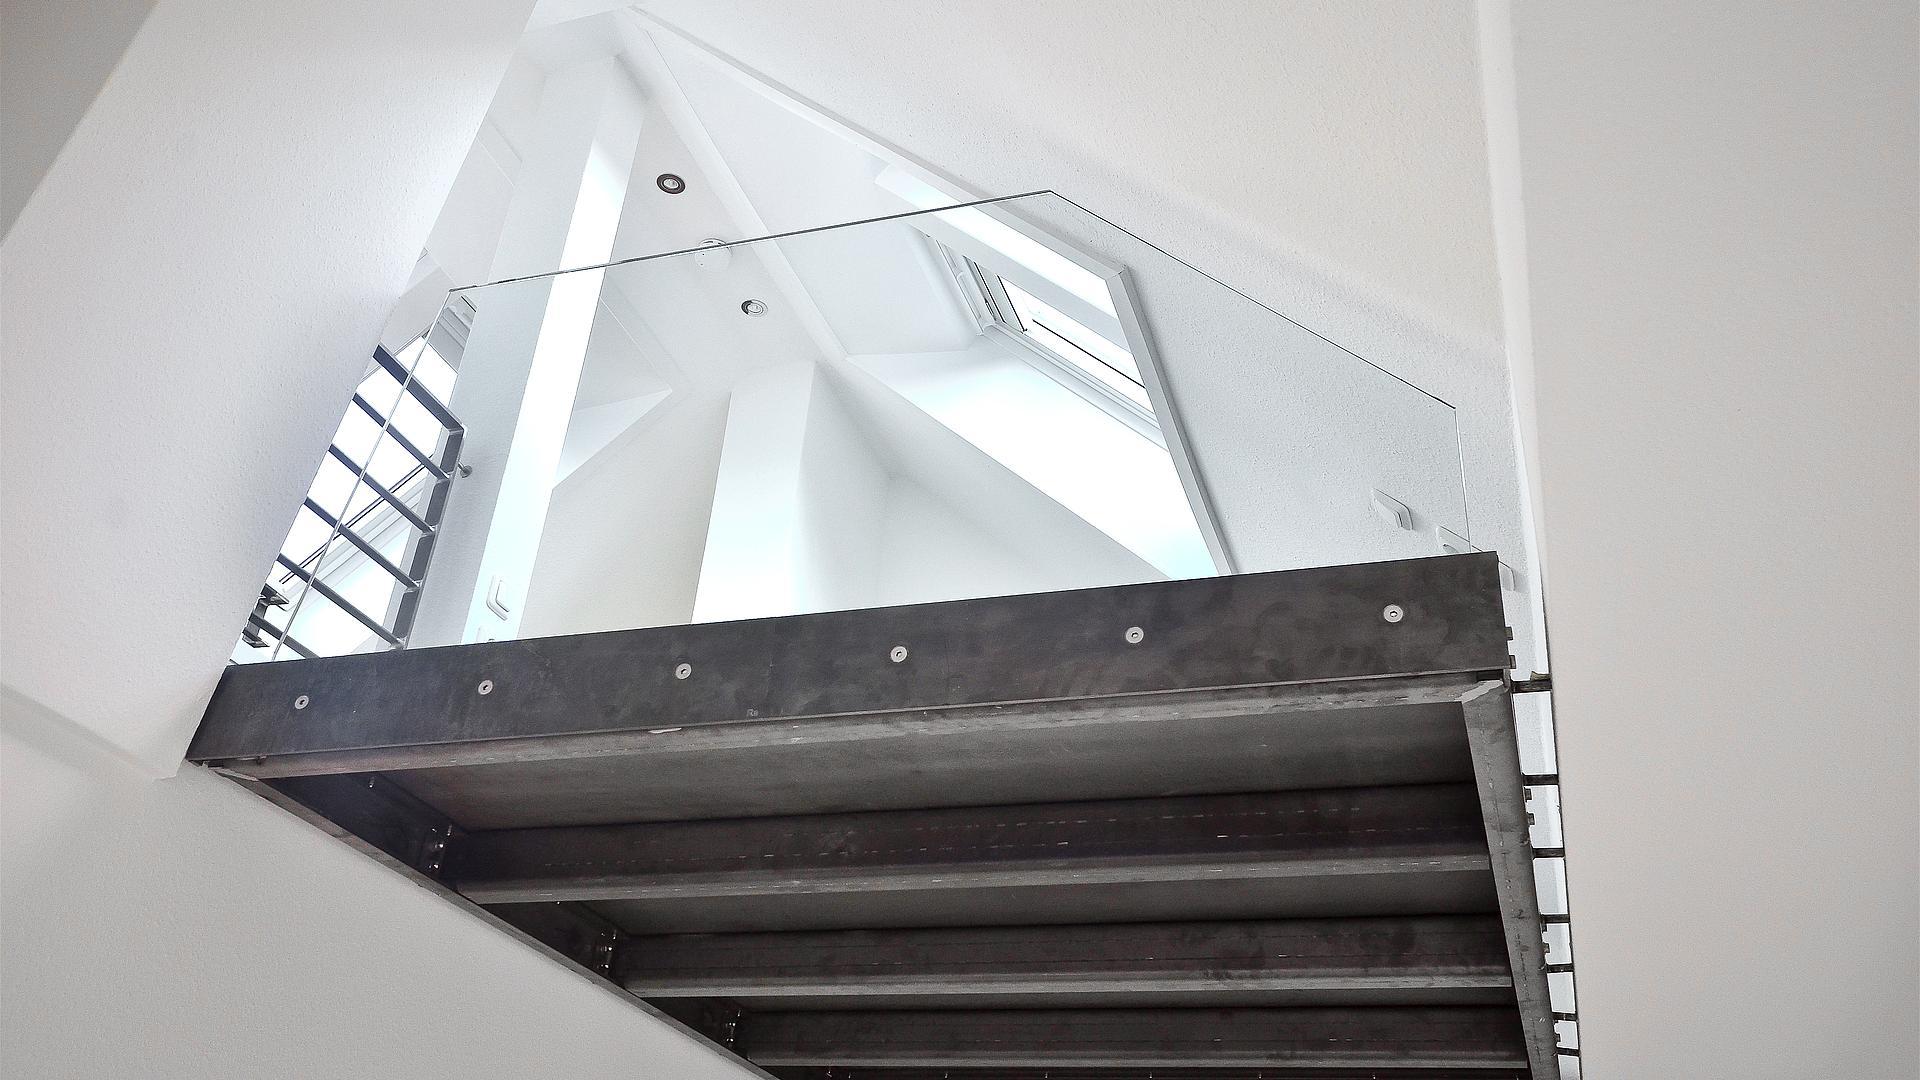 Raumbildener Ausbau Einer Dachgeschosswohnung Mit Plattform In